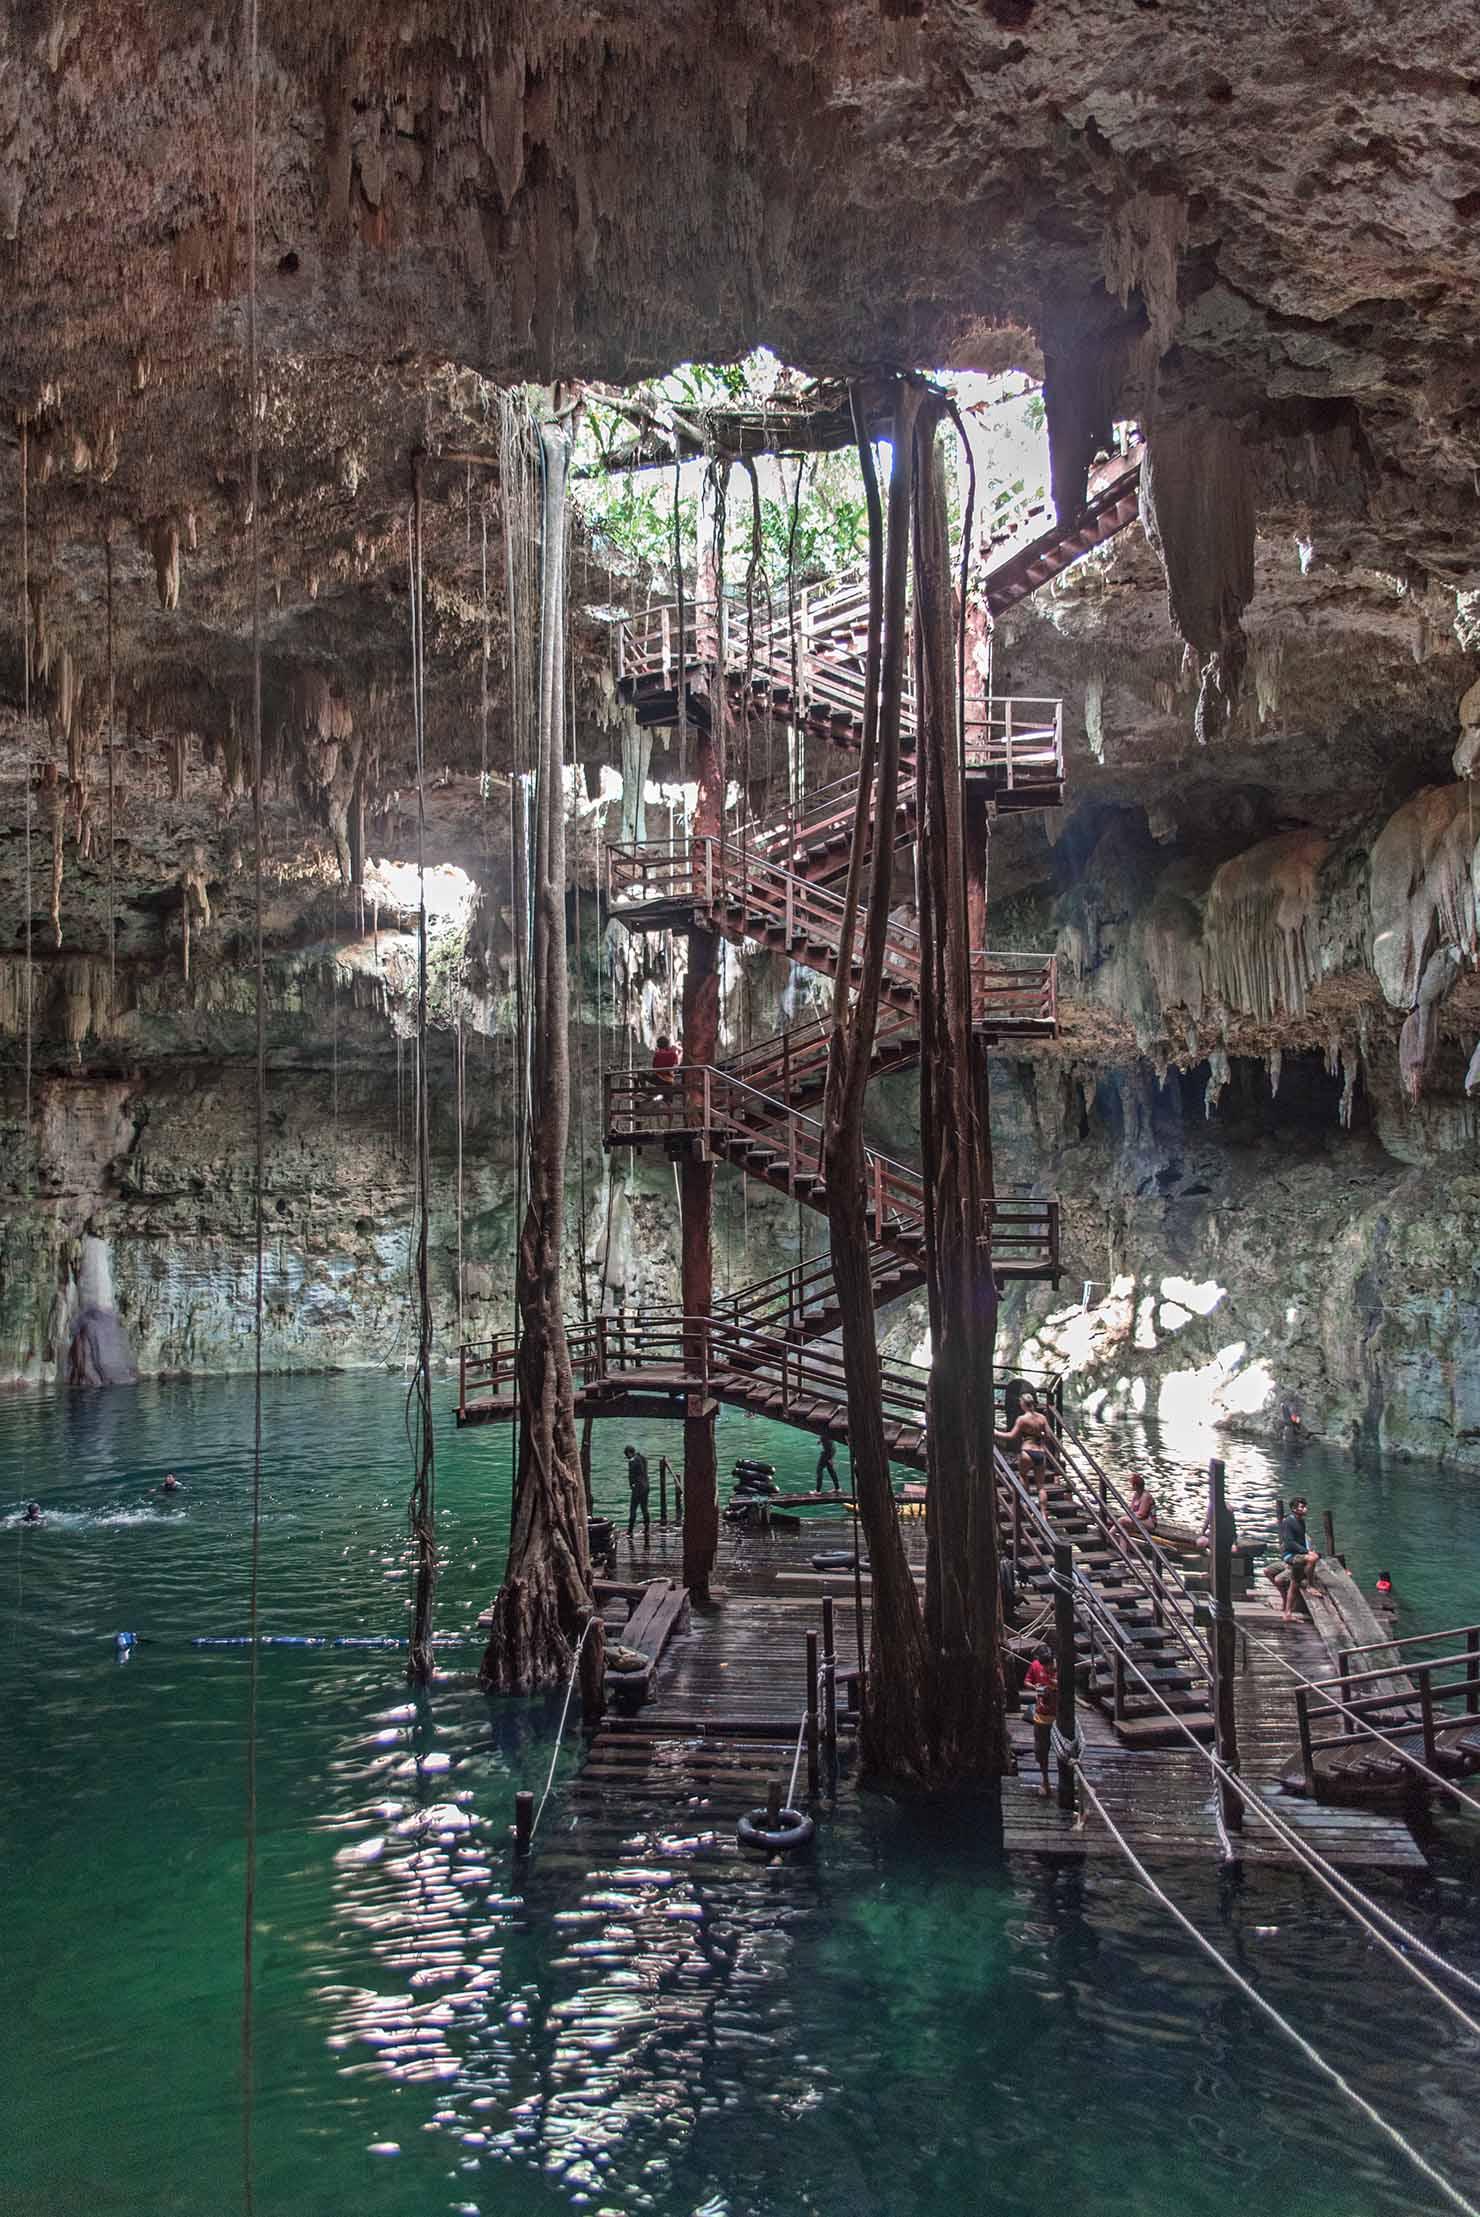 cenote maya mexico